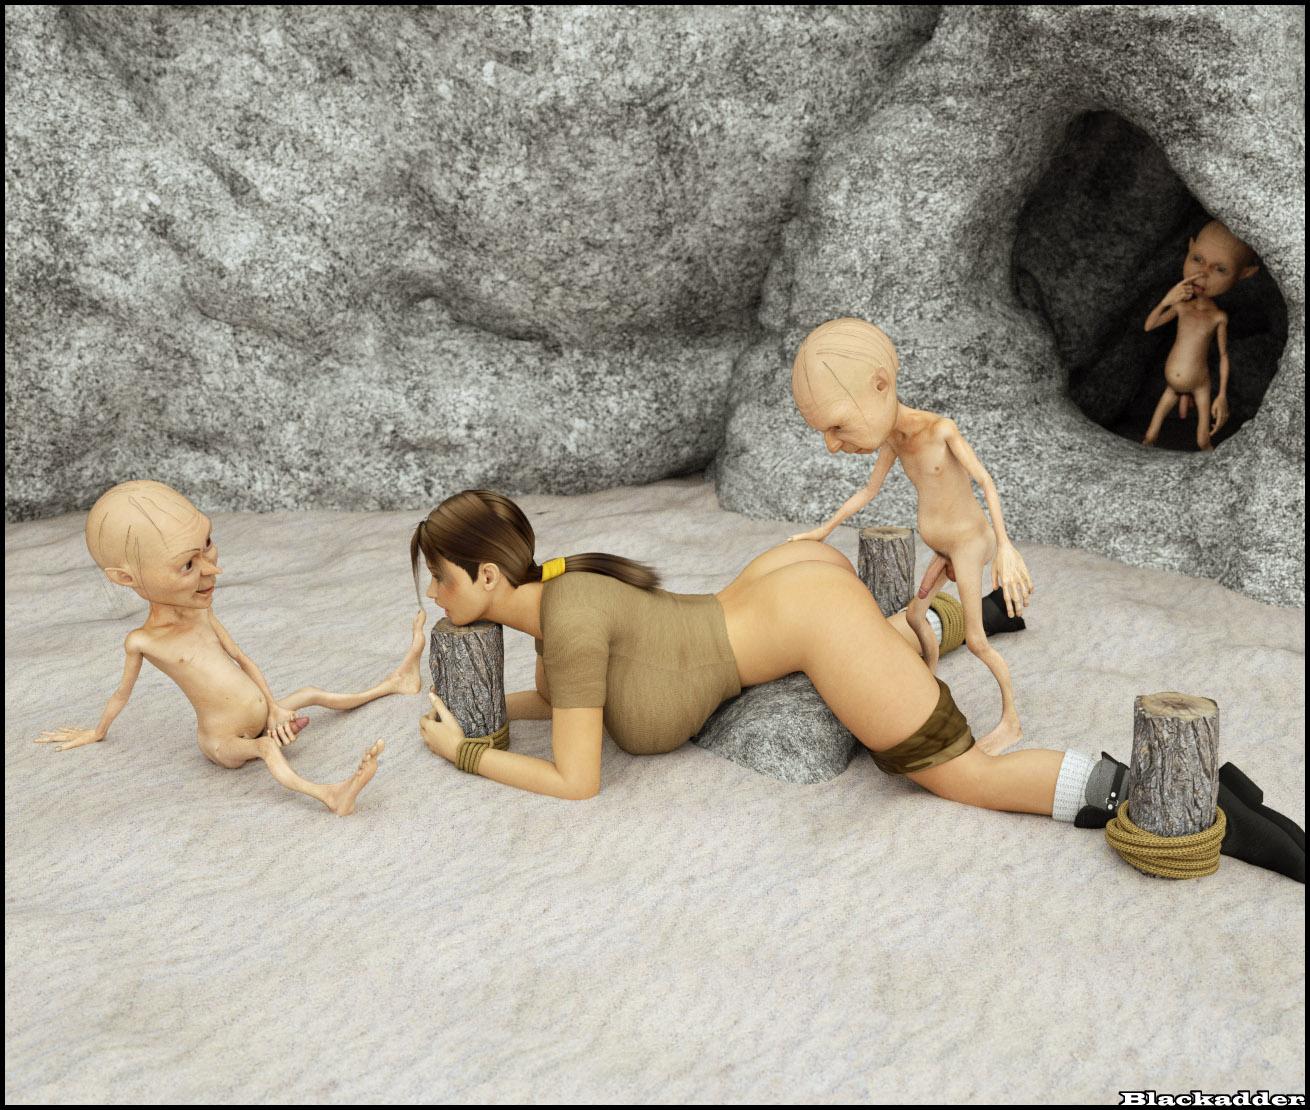 fleshlight tipps erotic art 3d